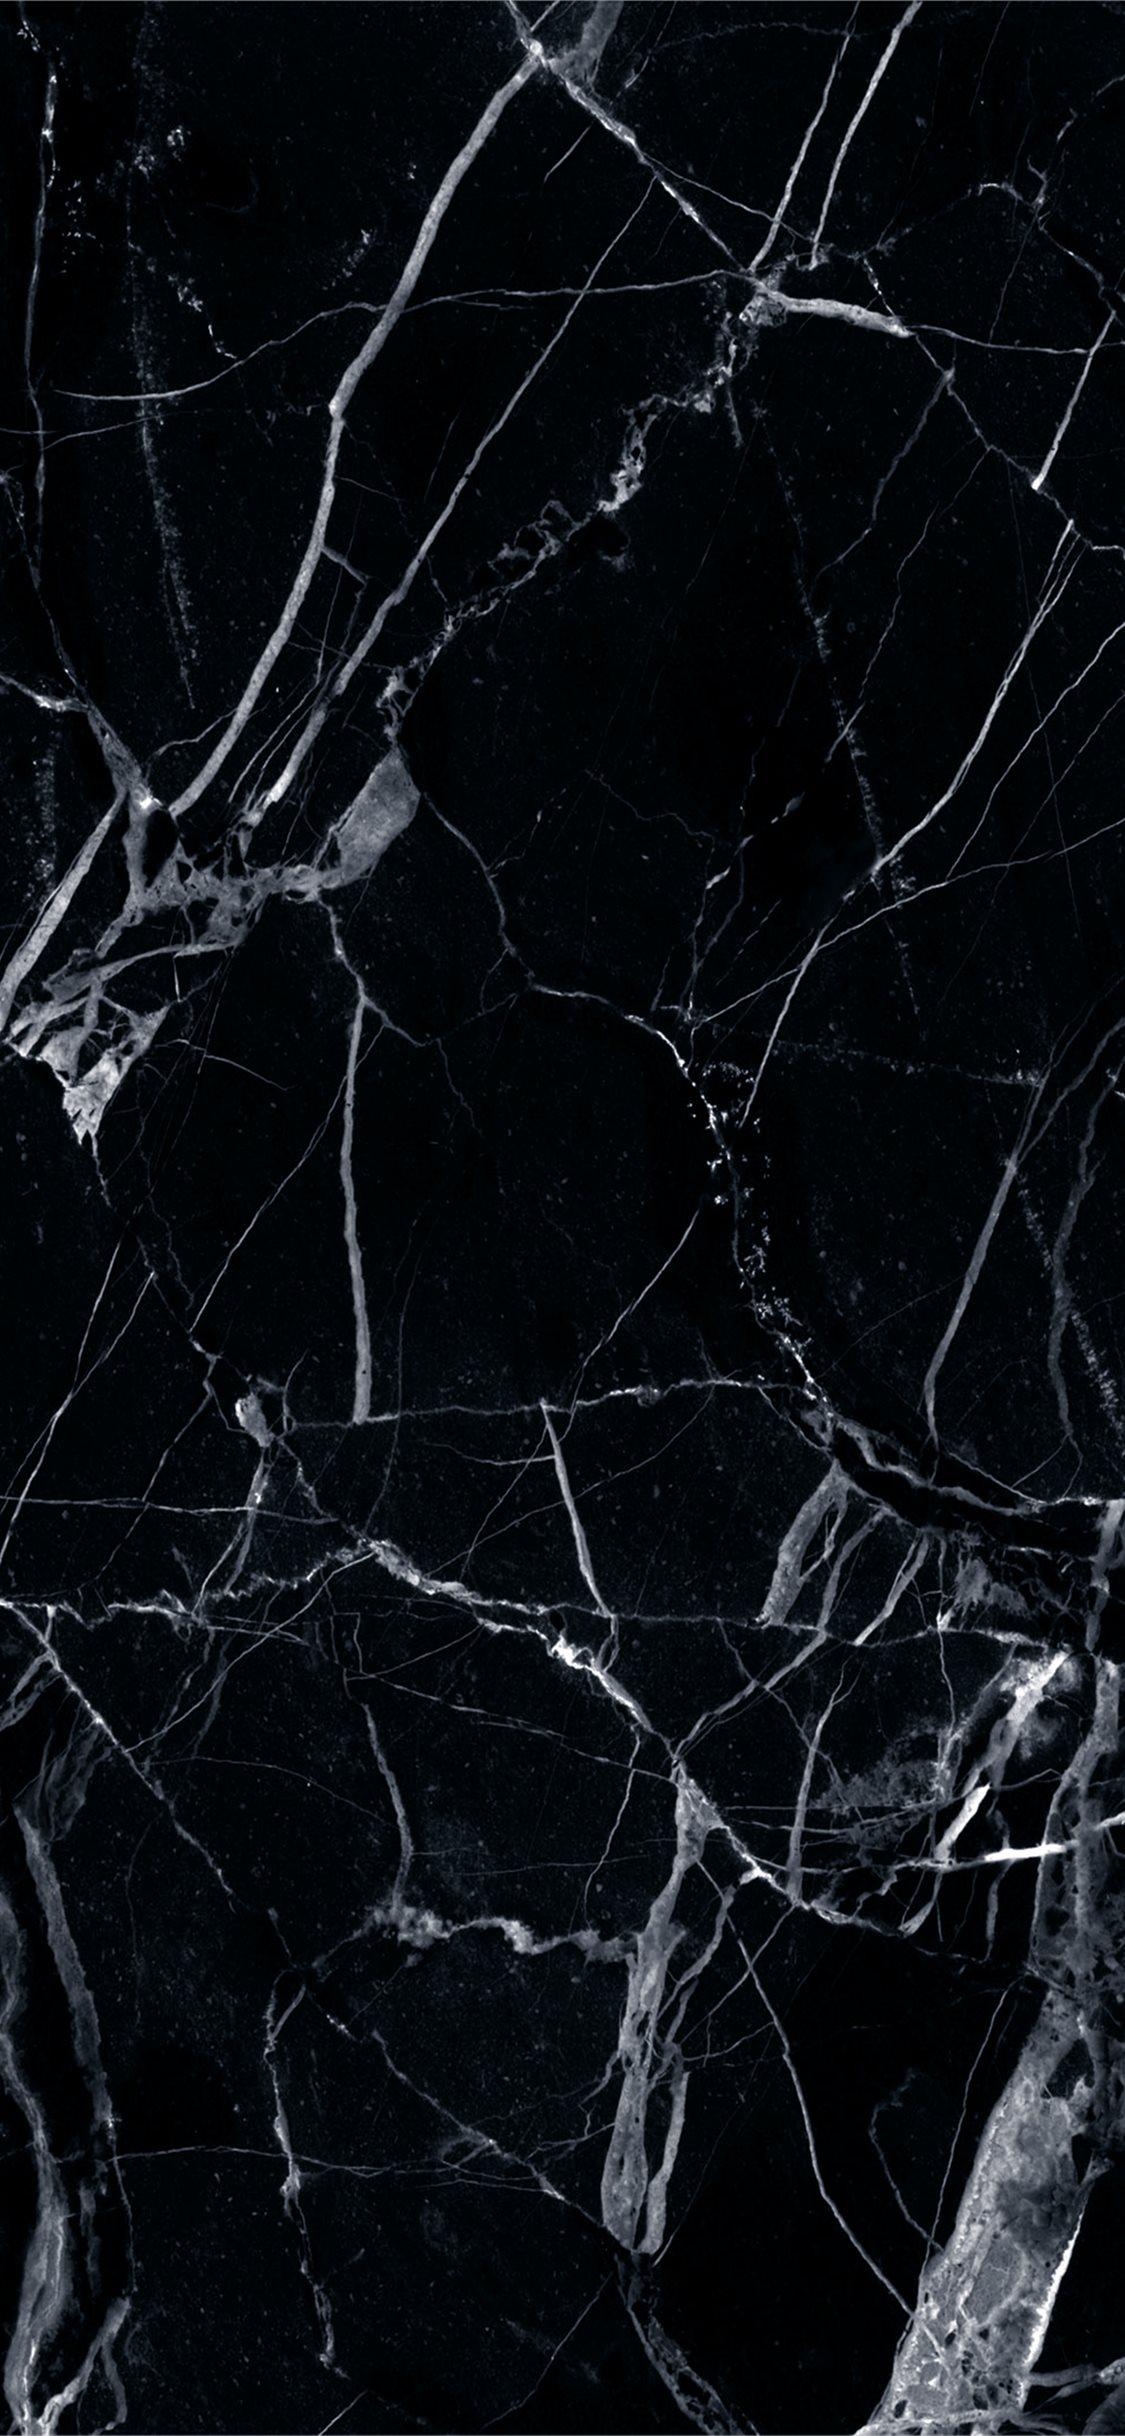 Zendha Broken Screen Iphone X Wallpapers Free Download